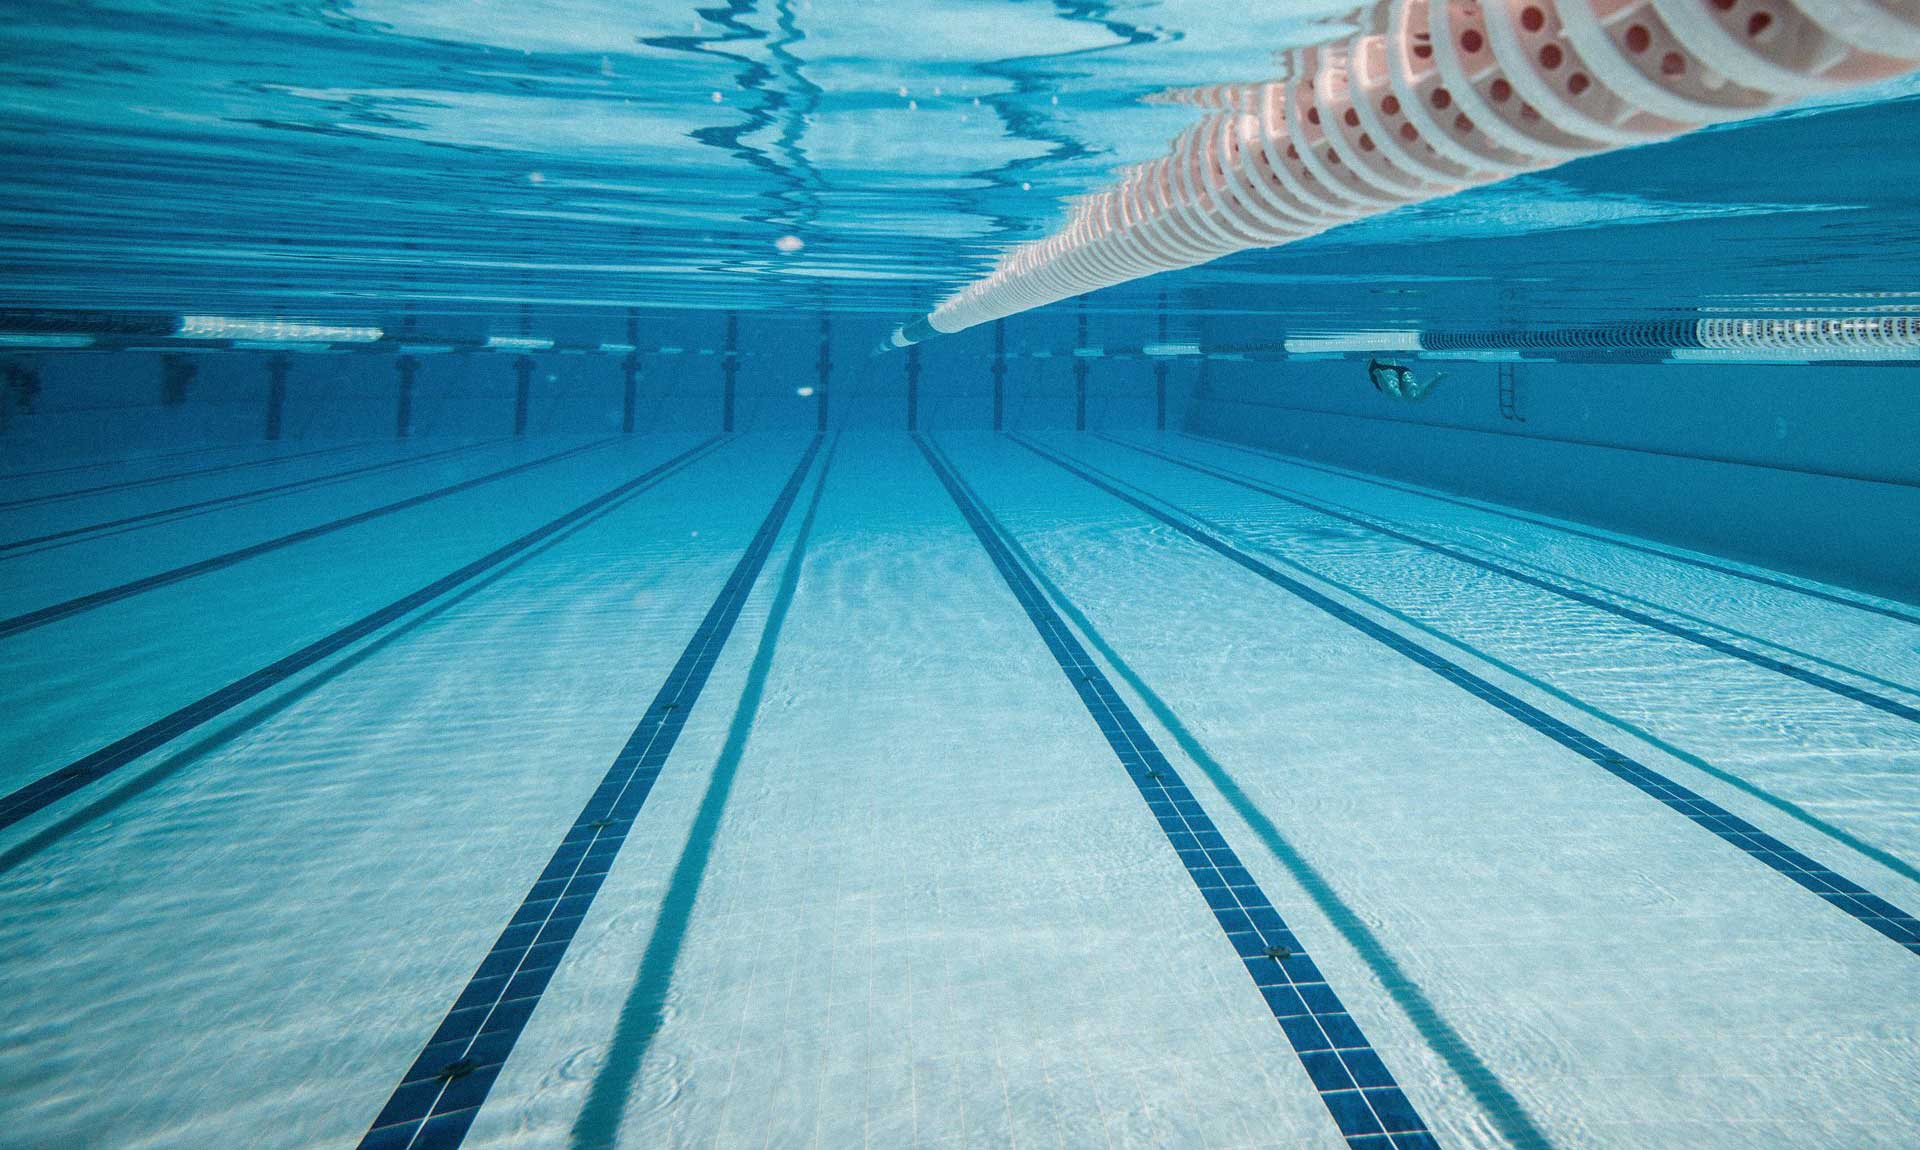 Физическое воздействие воды на человека при плавании